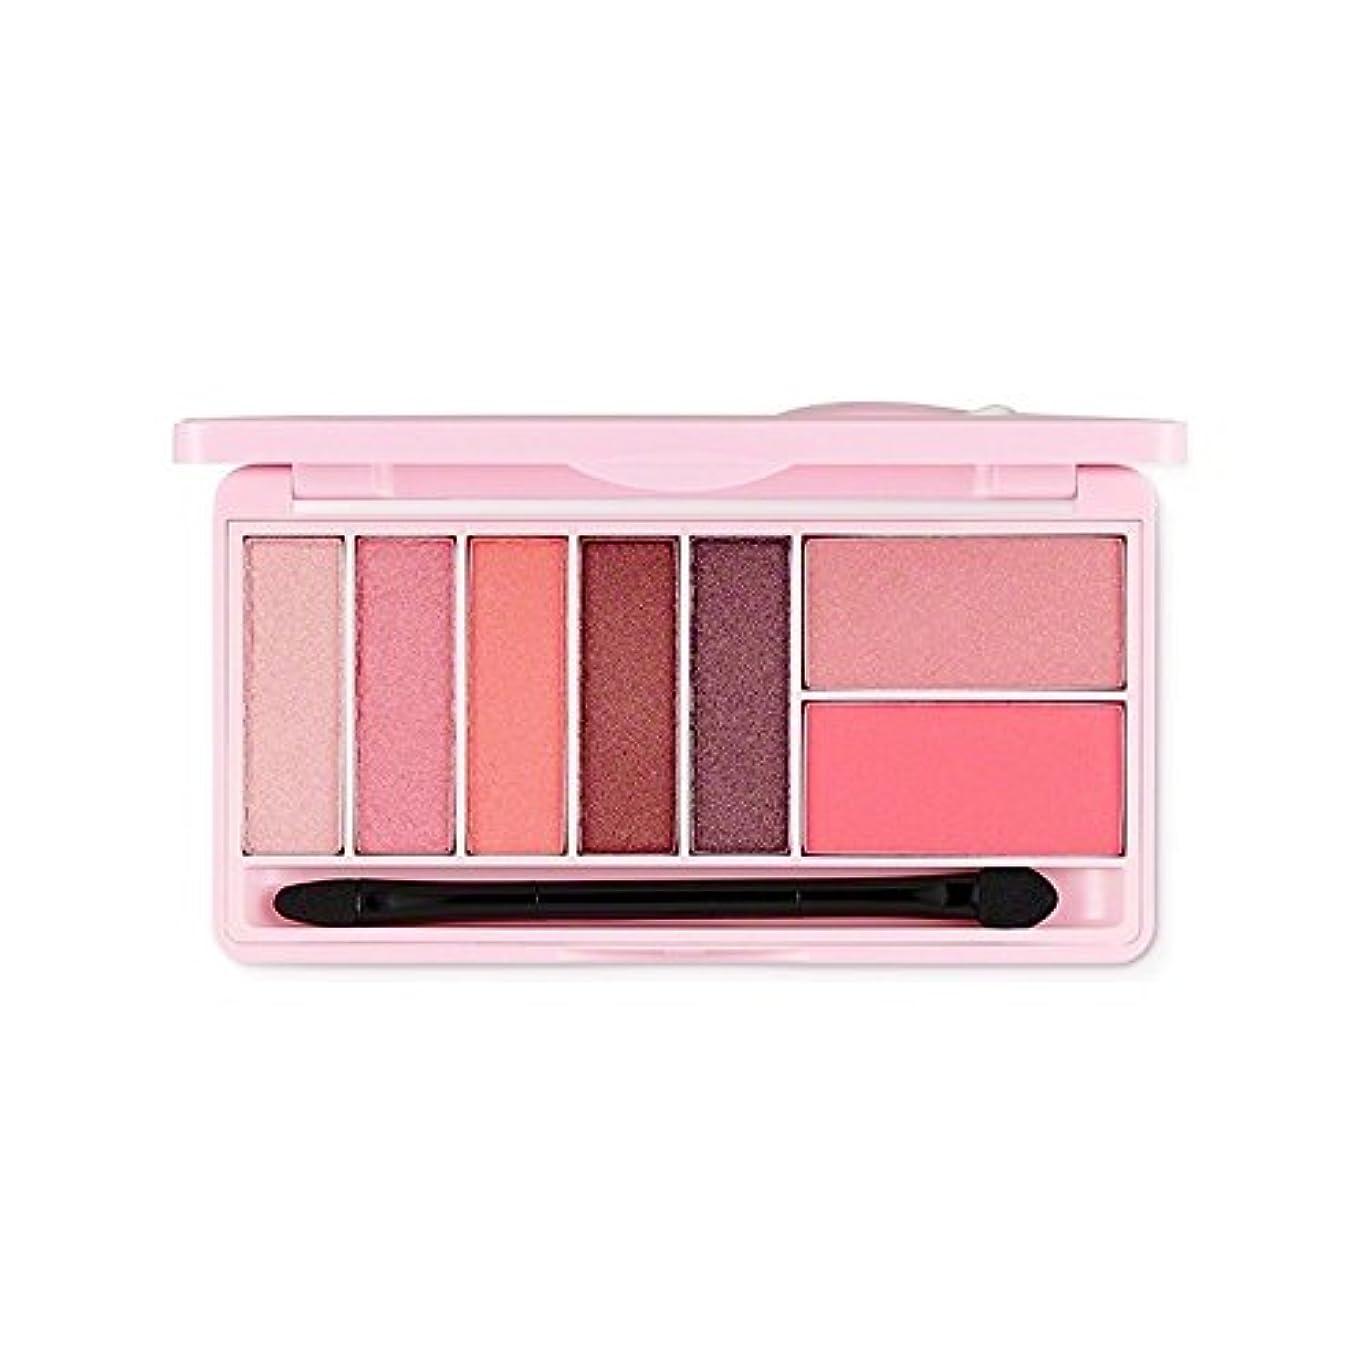 監督するじゃがいも仲介者The Face Shop スウィートアペックチャーモノポップアイズ Kakao FriendsThe Face Shop Sweet Apeach Mono Pop Eyes 9.5g/甘いアペサート (Pink Winking...